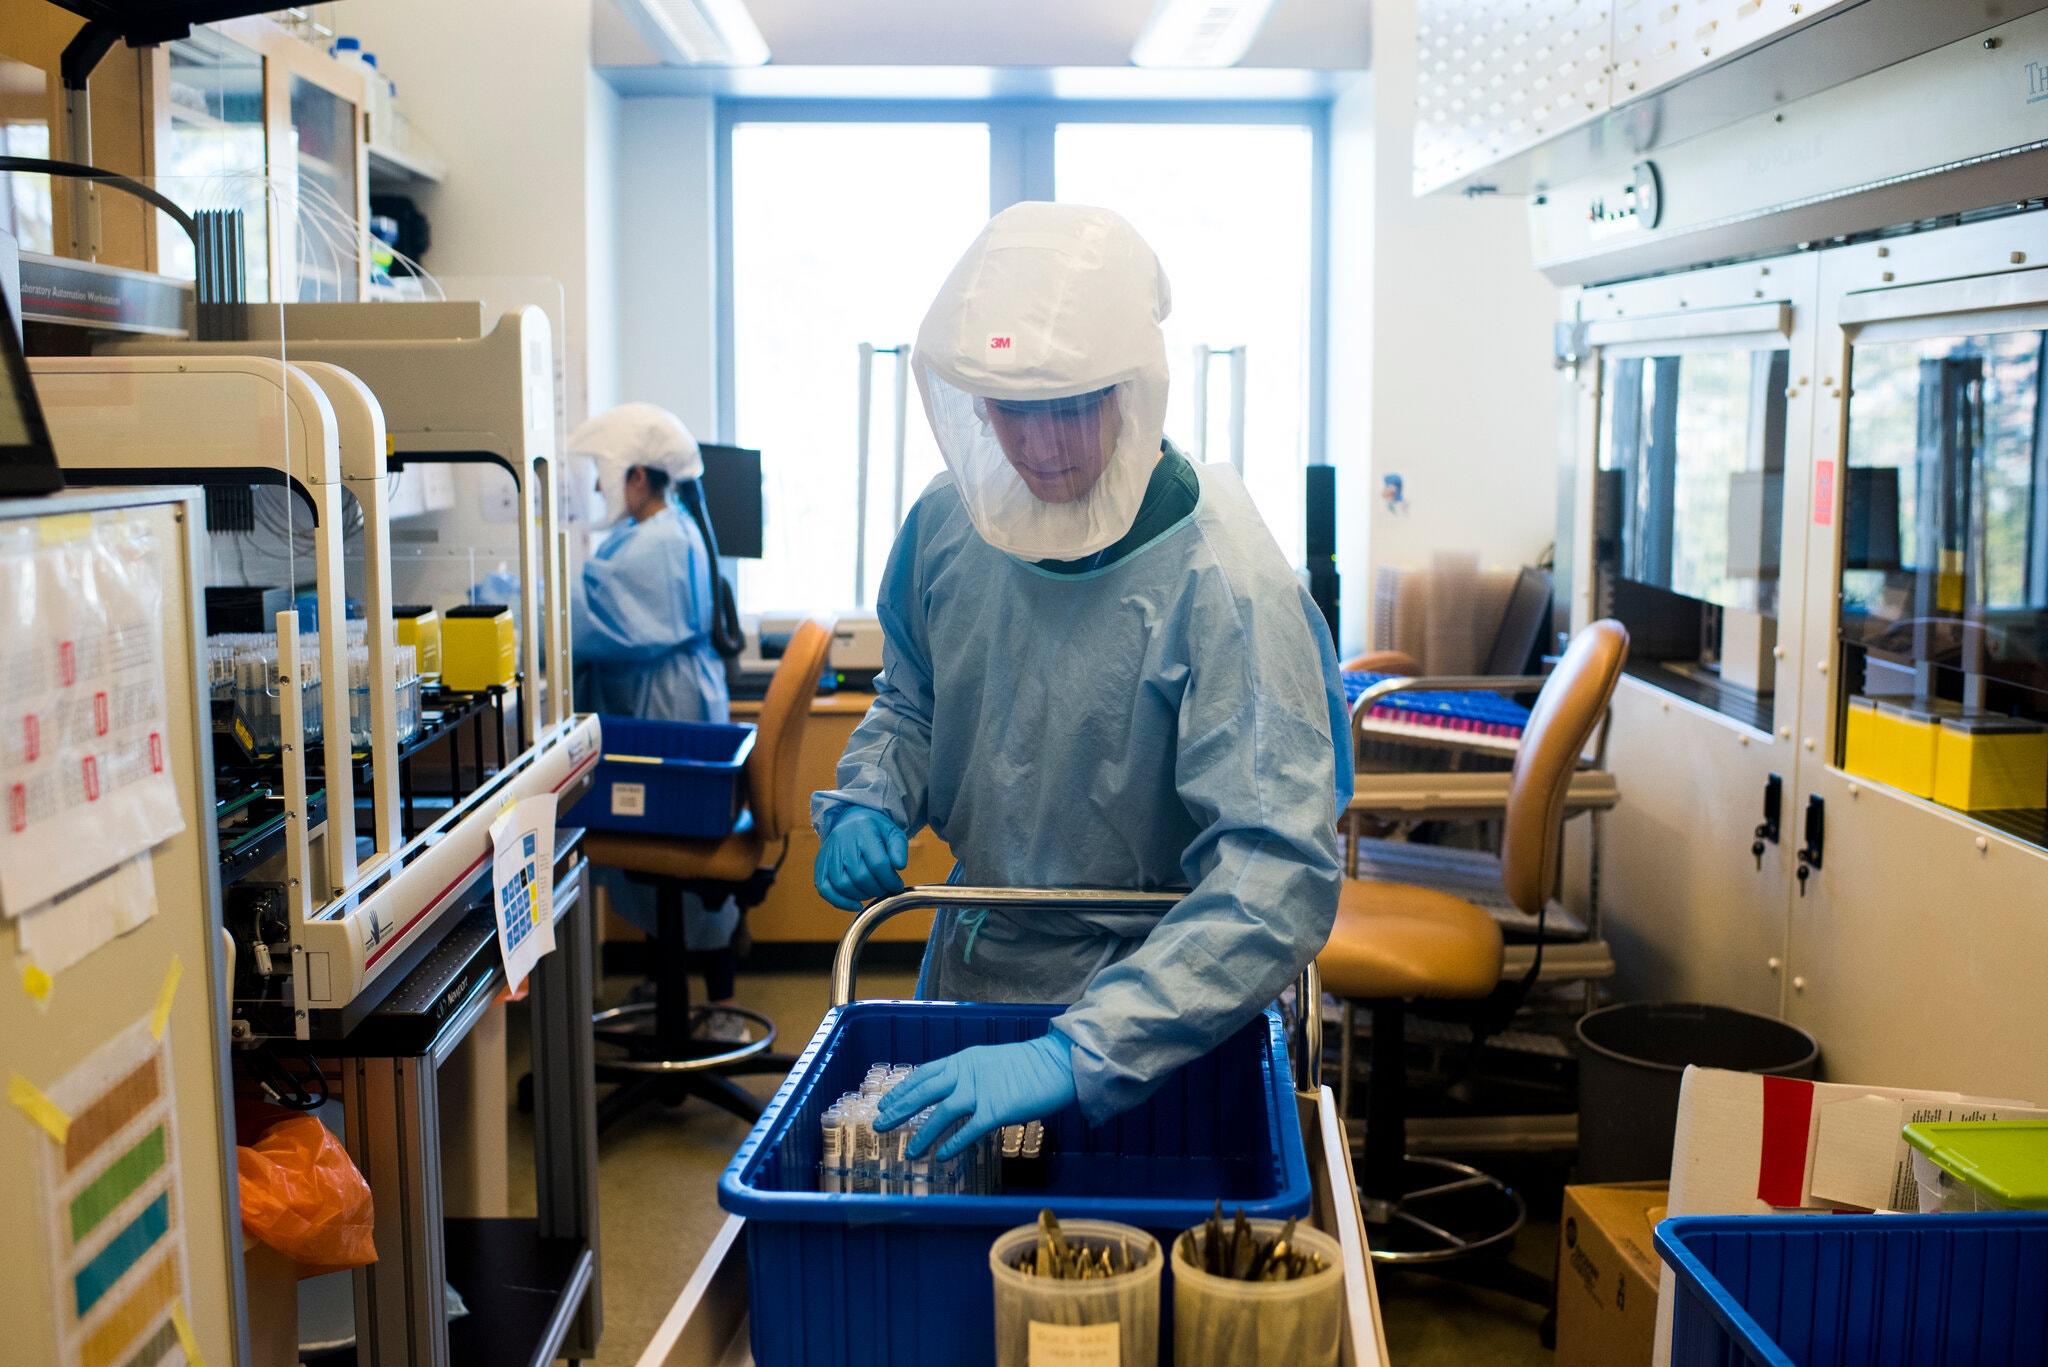 Nhân viên y tế chuẩn bị các mẫu xét nghiệm để giải trình tự gene tại Đại học Duke. Ảnh: NYTimes.